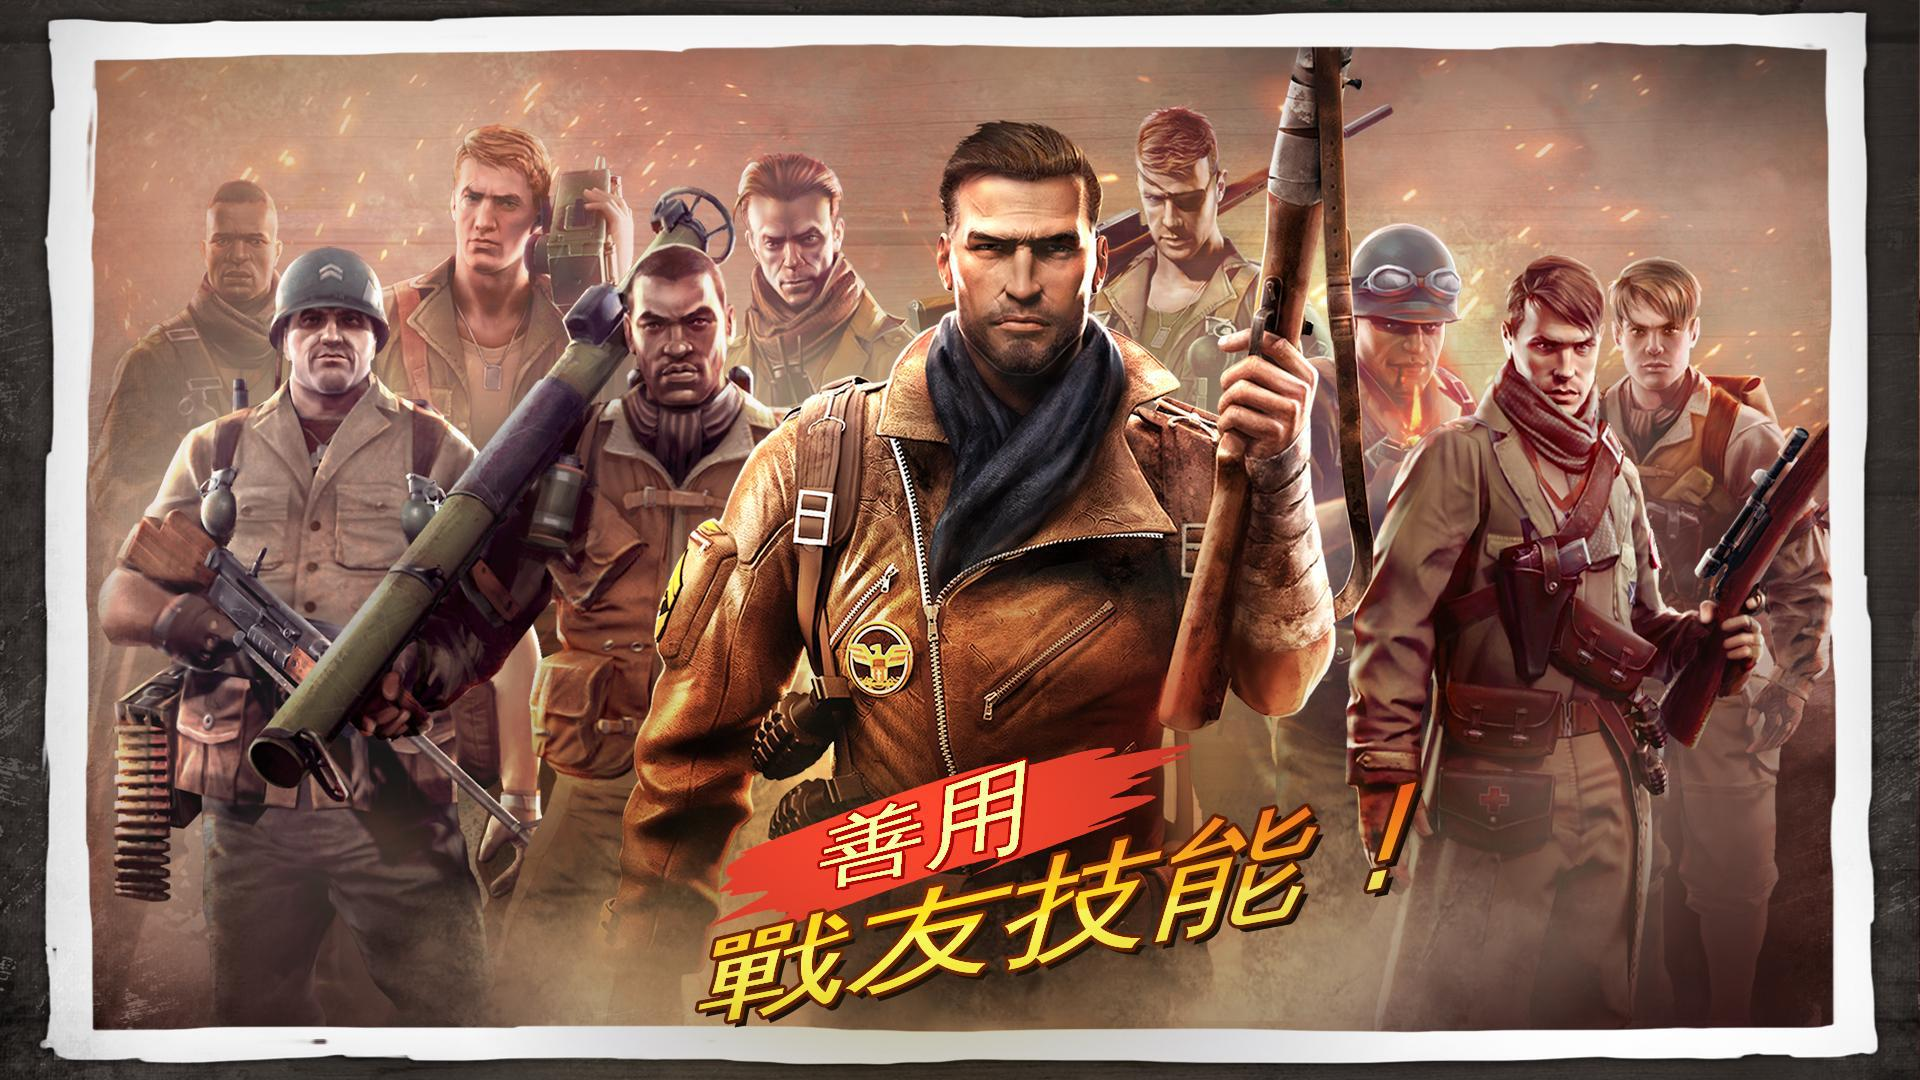 荣耀战场3 游戏截图2